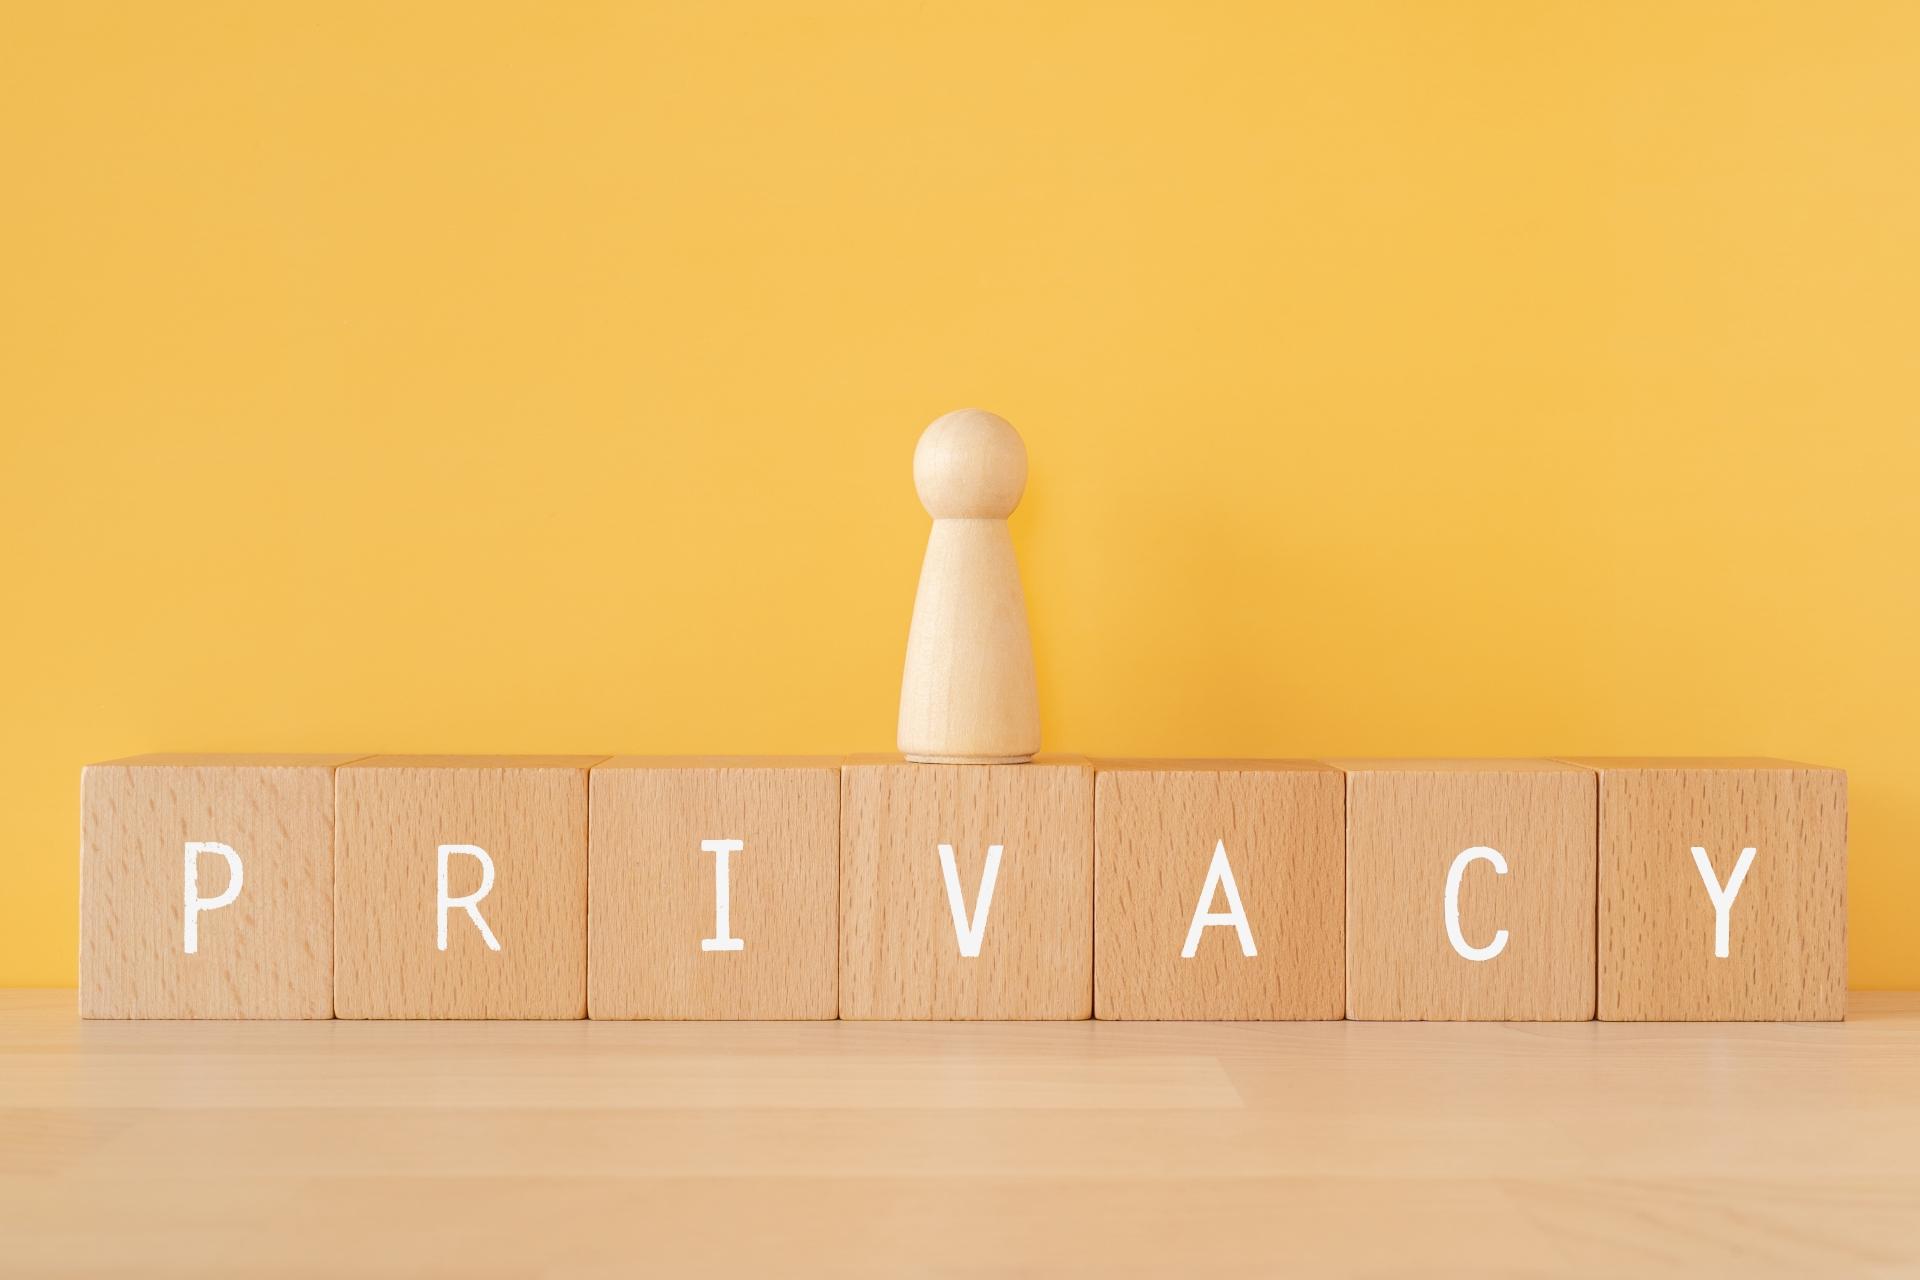 ドローン空撮におけるプライバシー権について